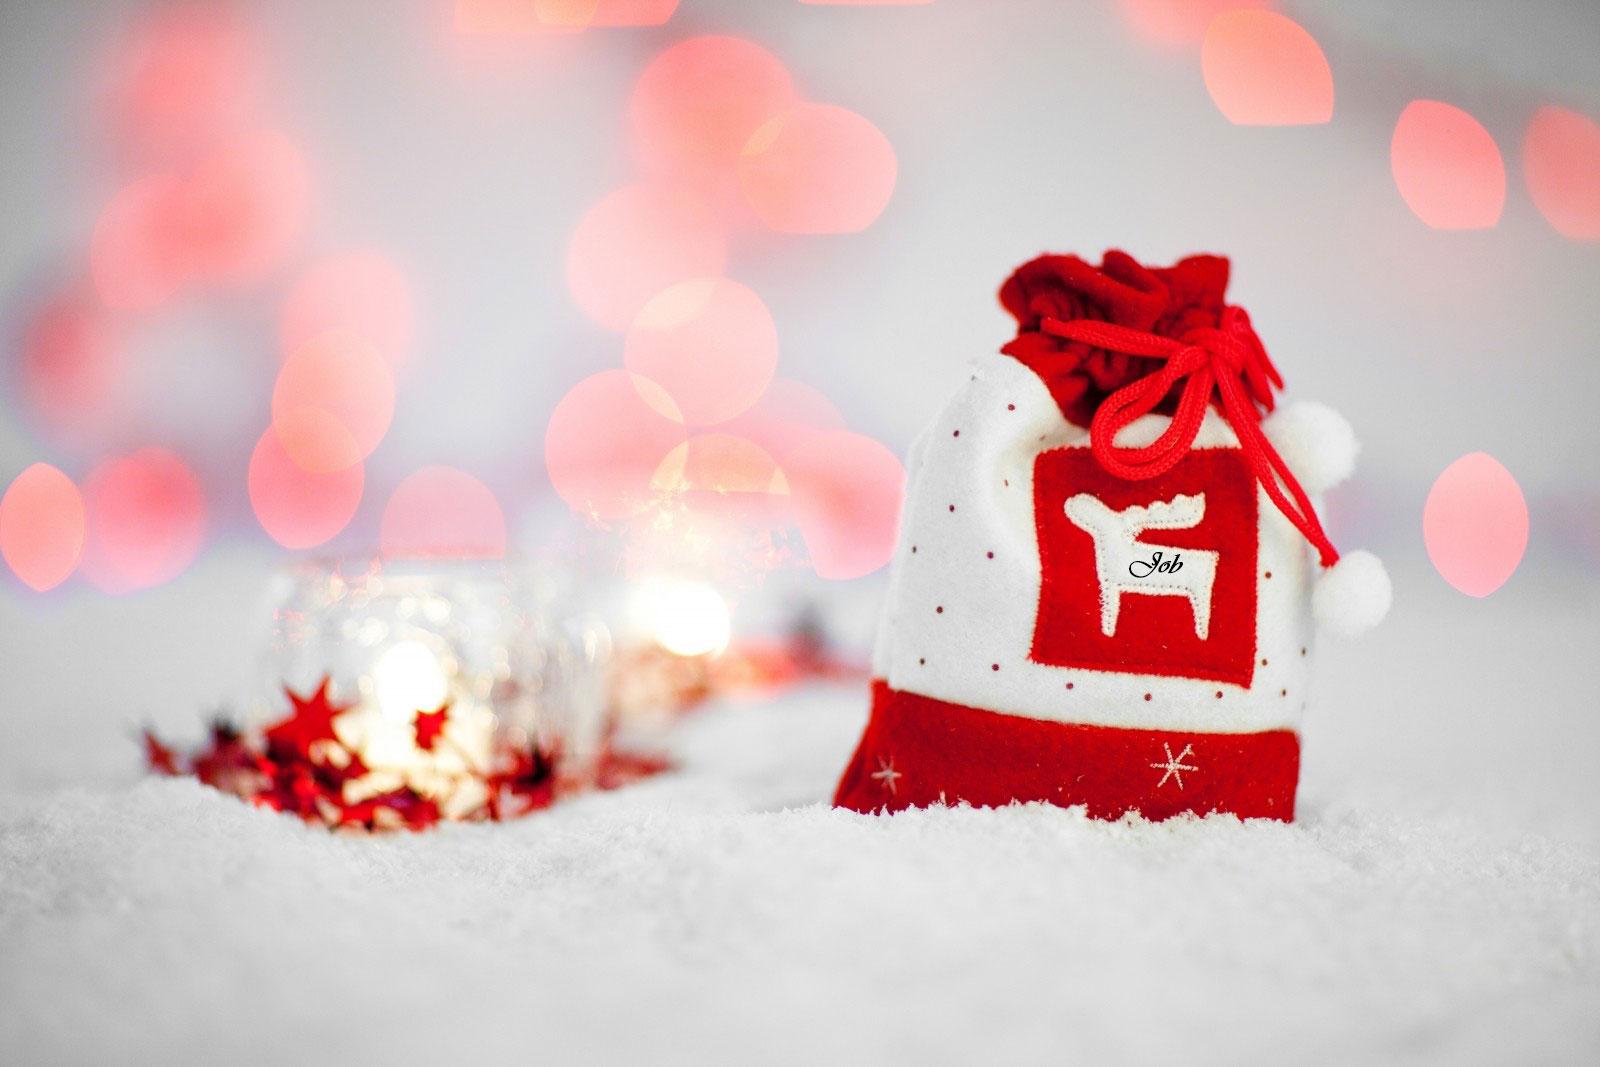 christmas-bag-on-snow